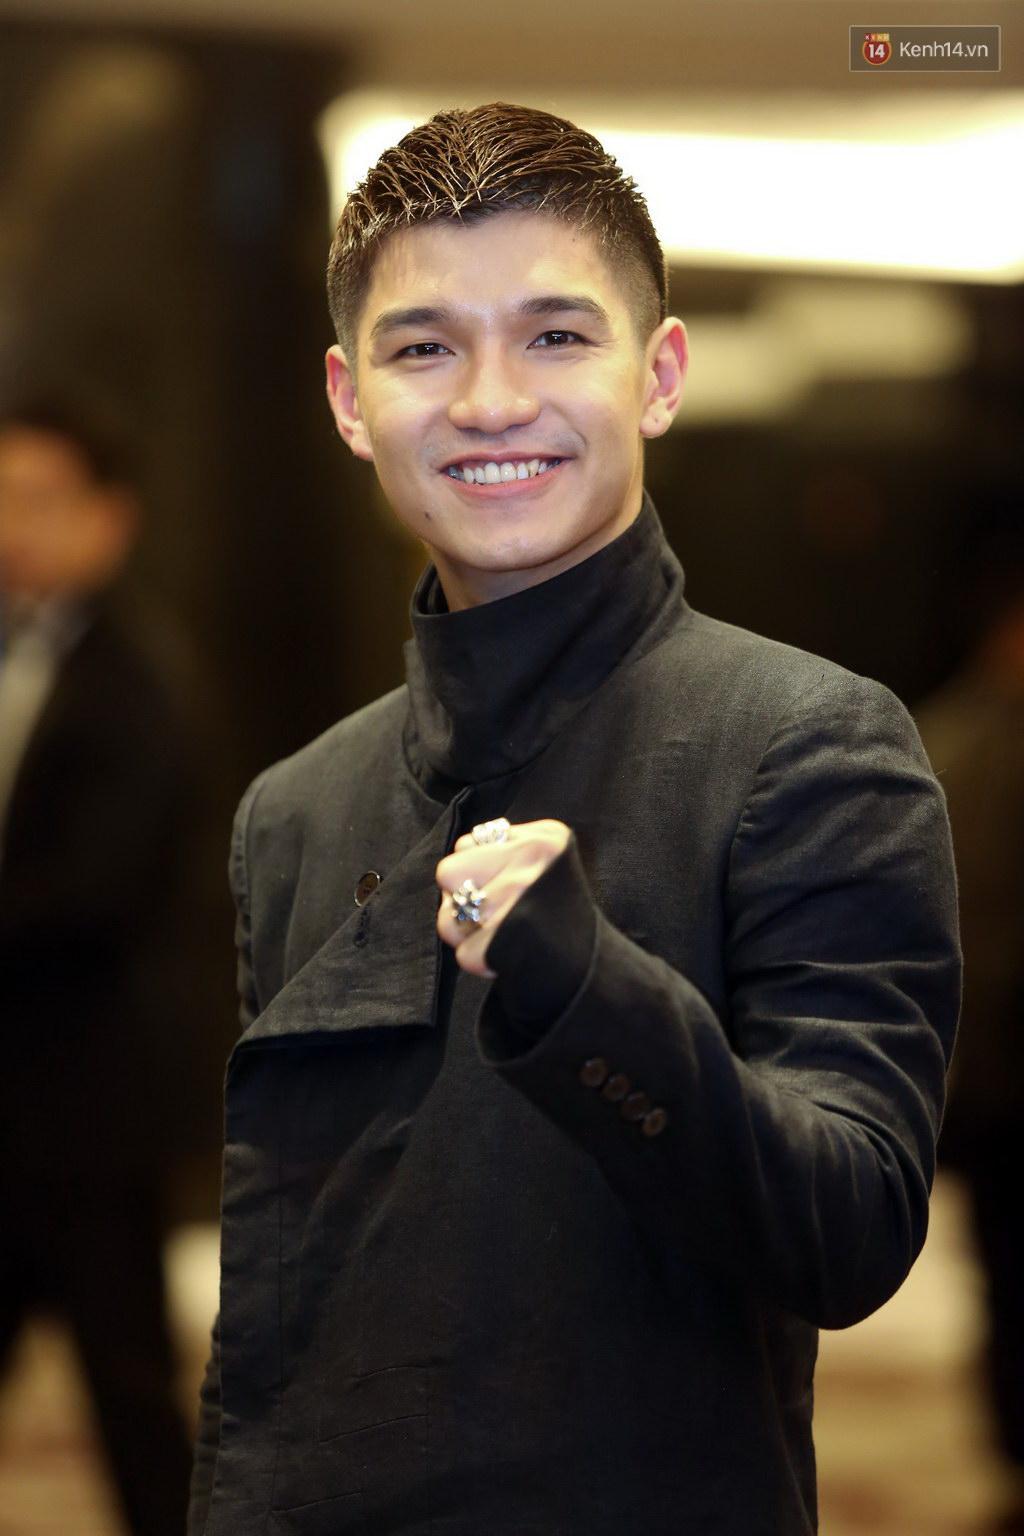 Trương Ngọc Ánh bị thương nhiều nhất trong đoàn làm phim khi thực hiện Truy sát - Ảnh 5.